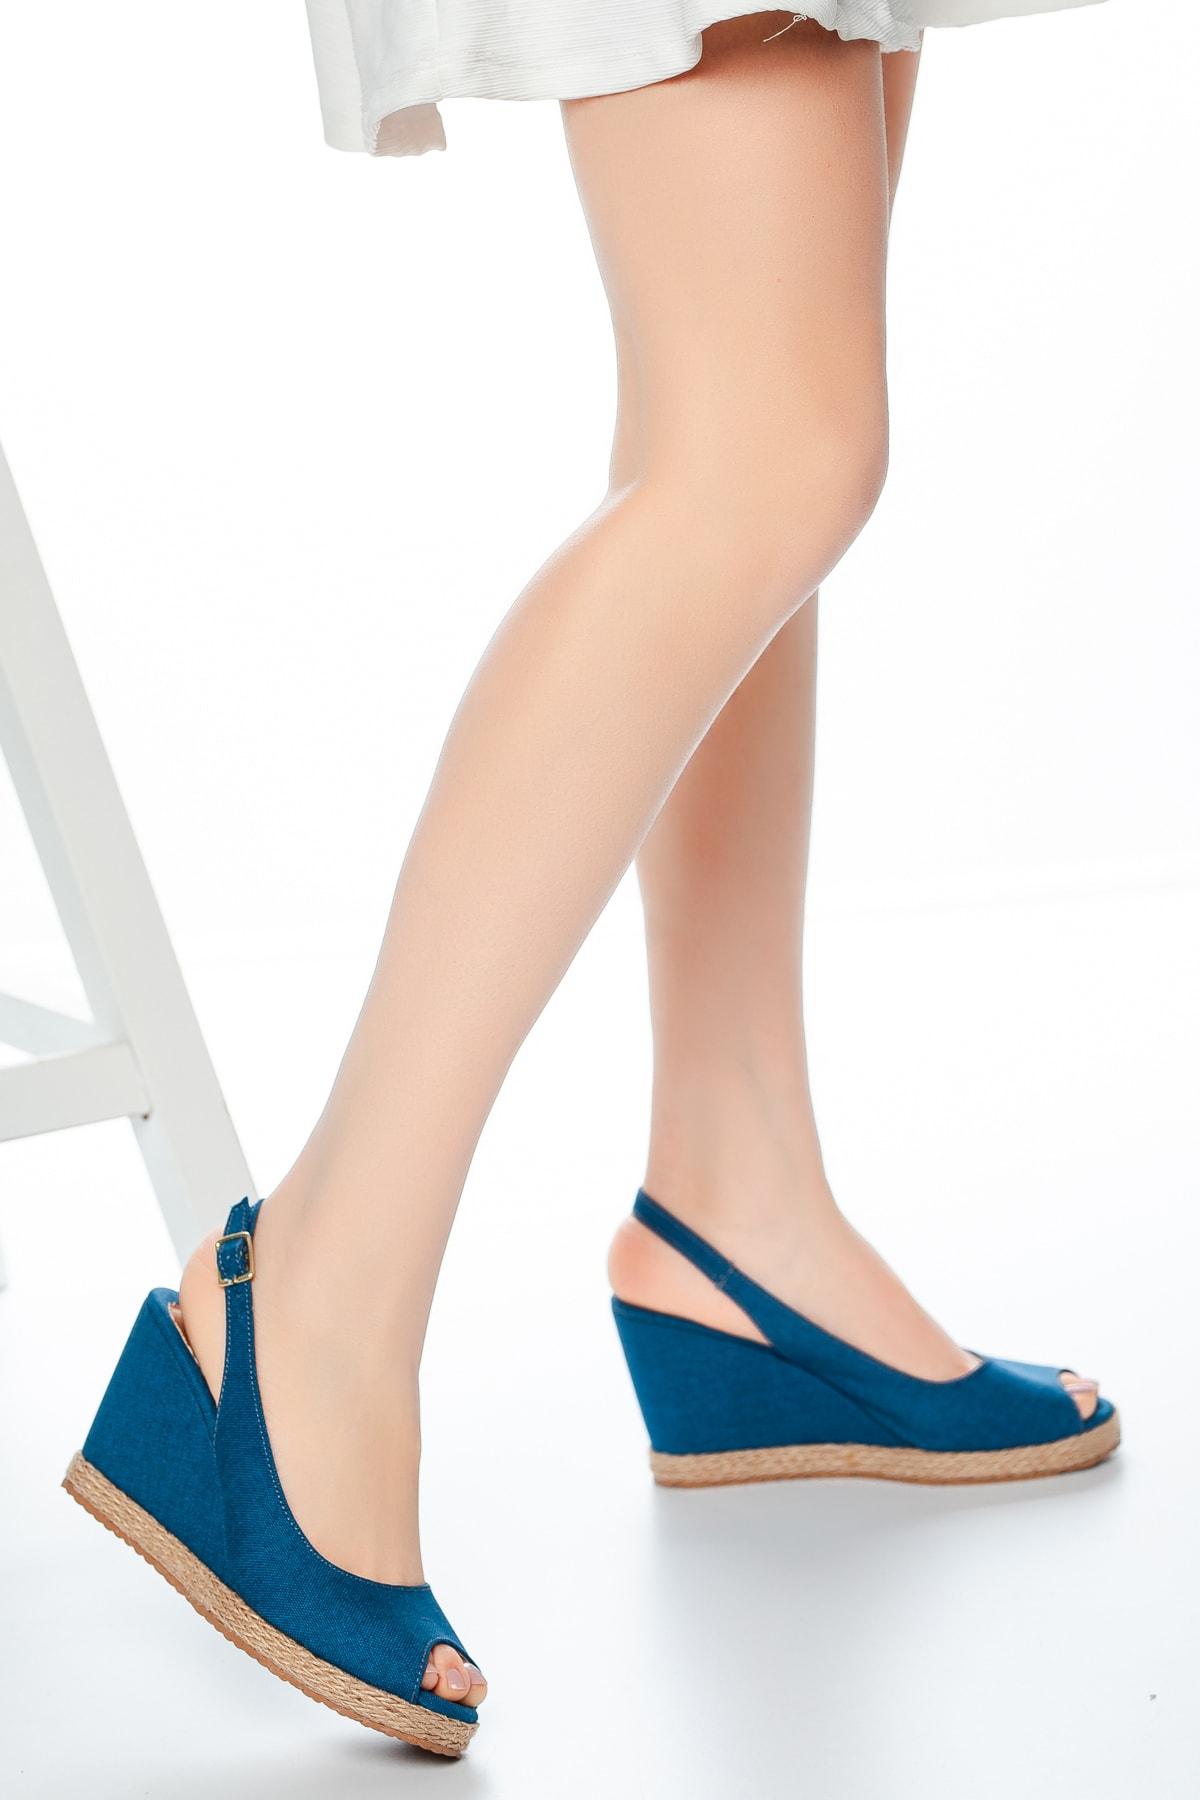 Kadın Dolgu Topuklu Ayakkabı Md1013-120-0001